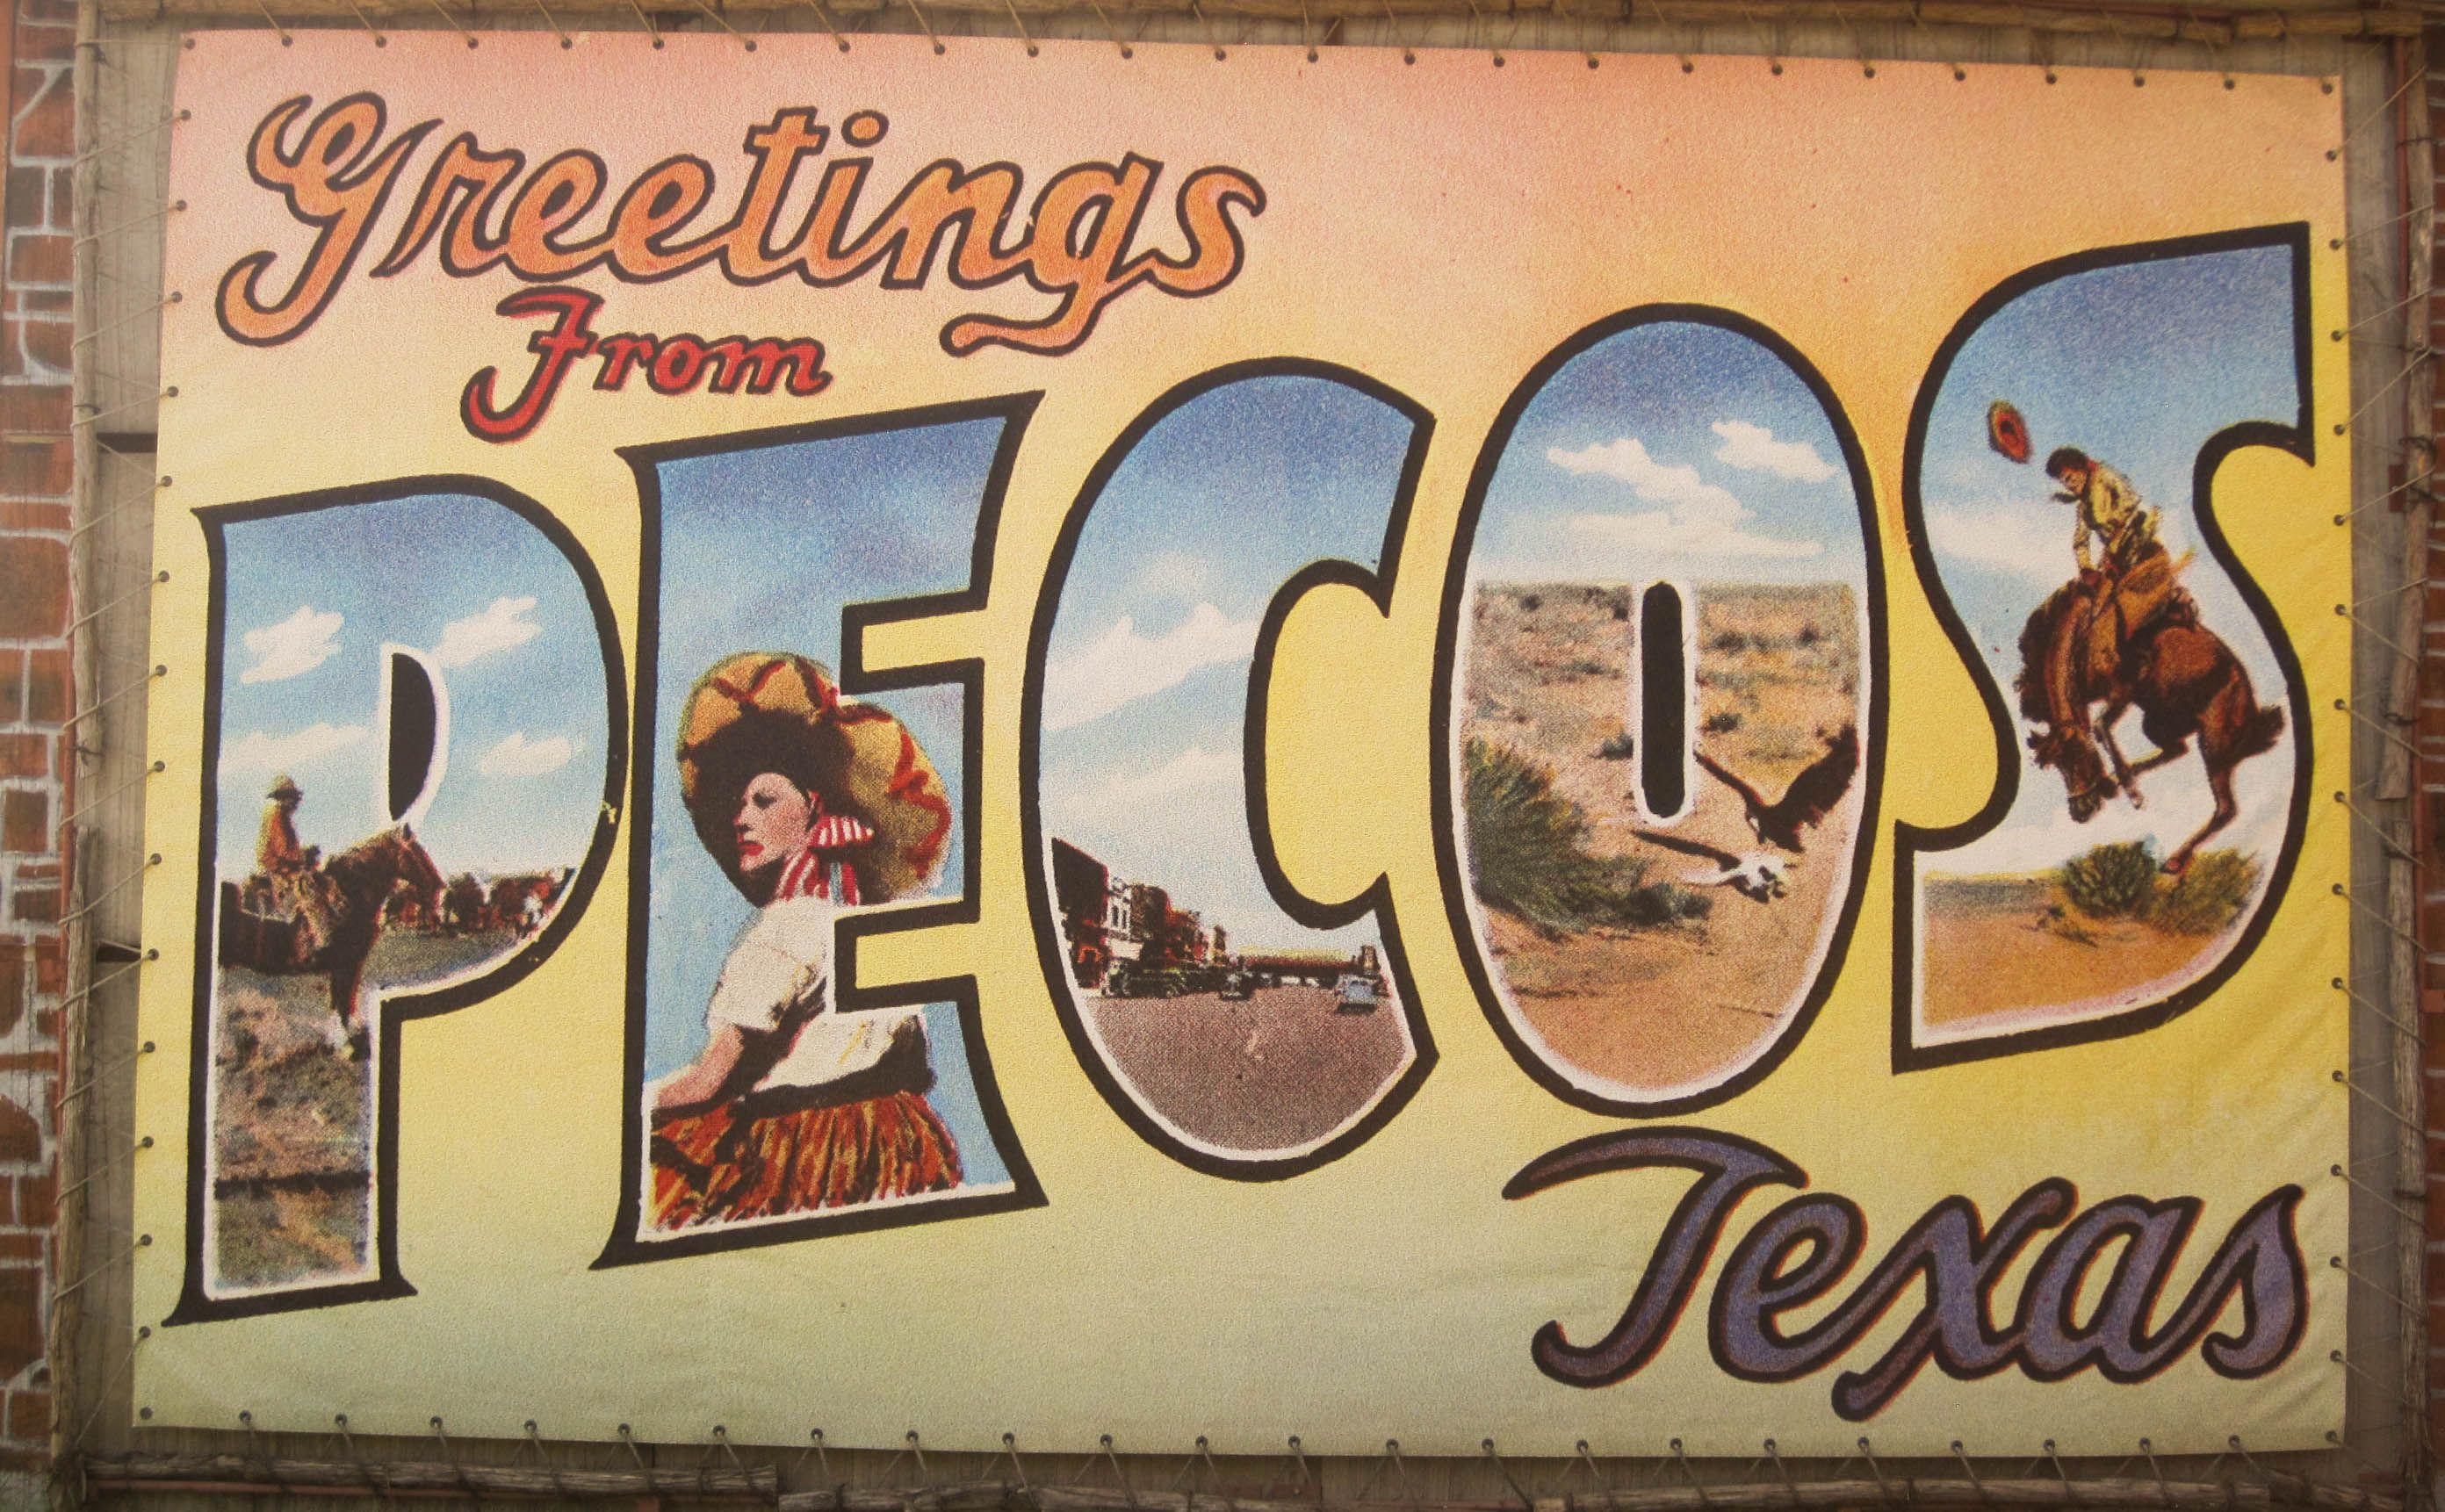 Welcome To Pecos Wall Mural Pecos Tx Pecos Pecos Texas Texas Towns